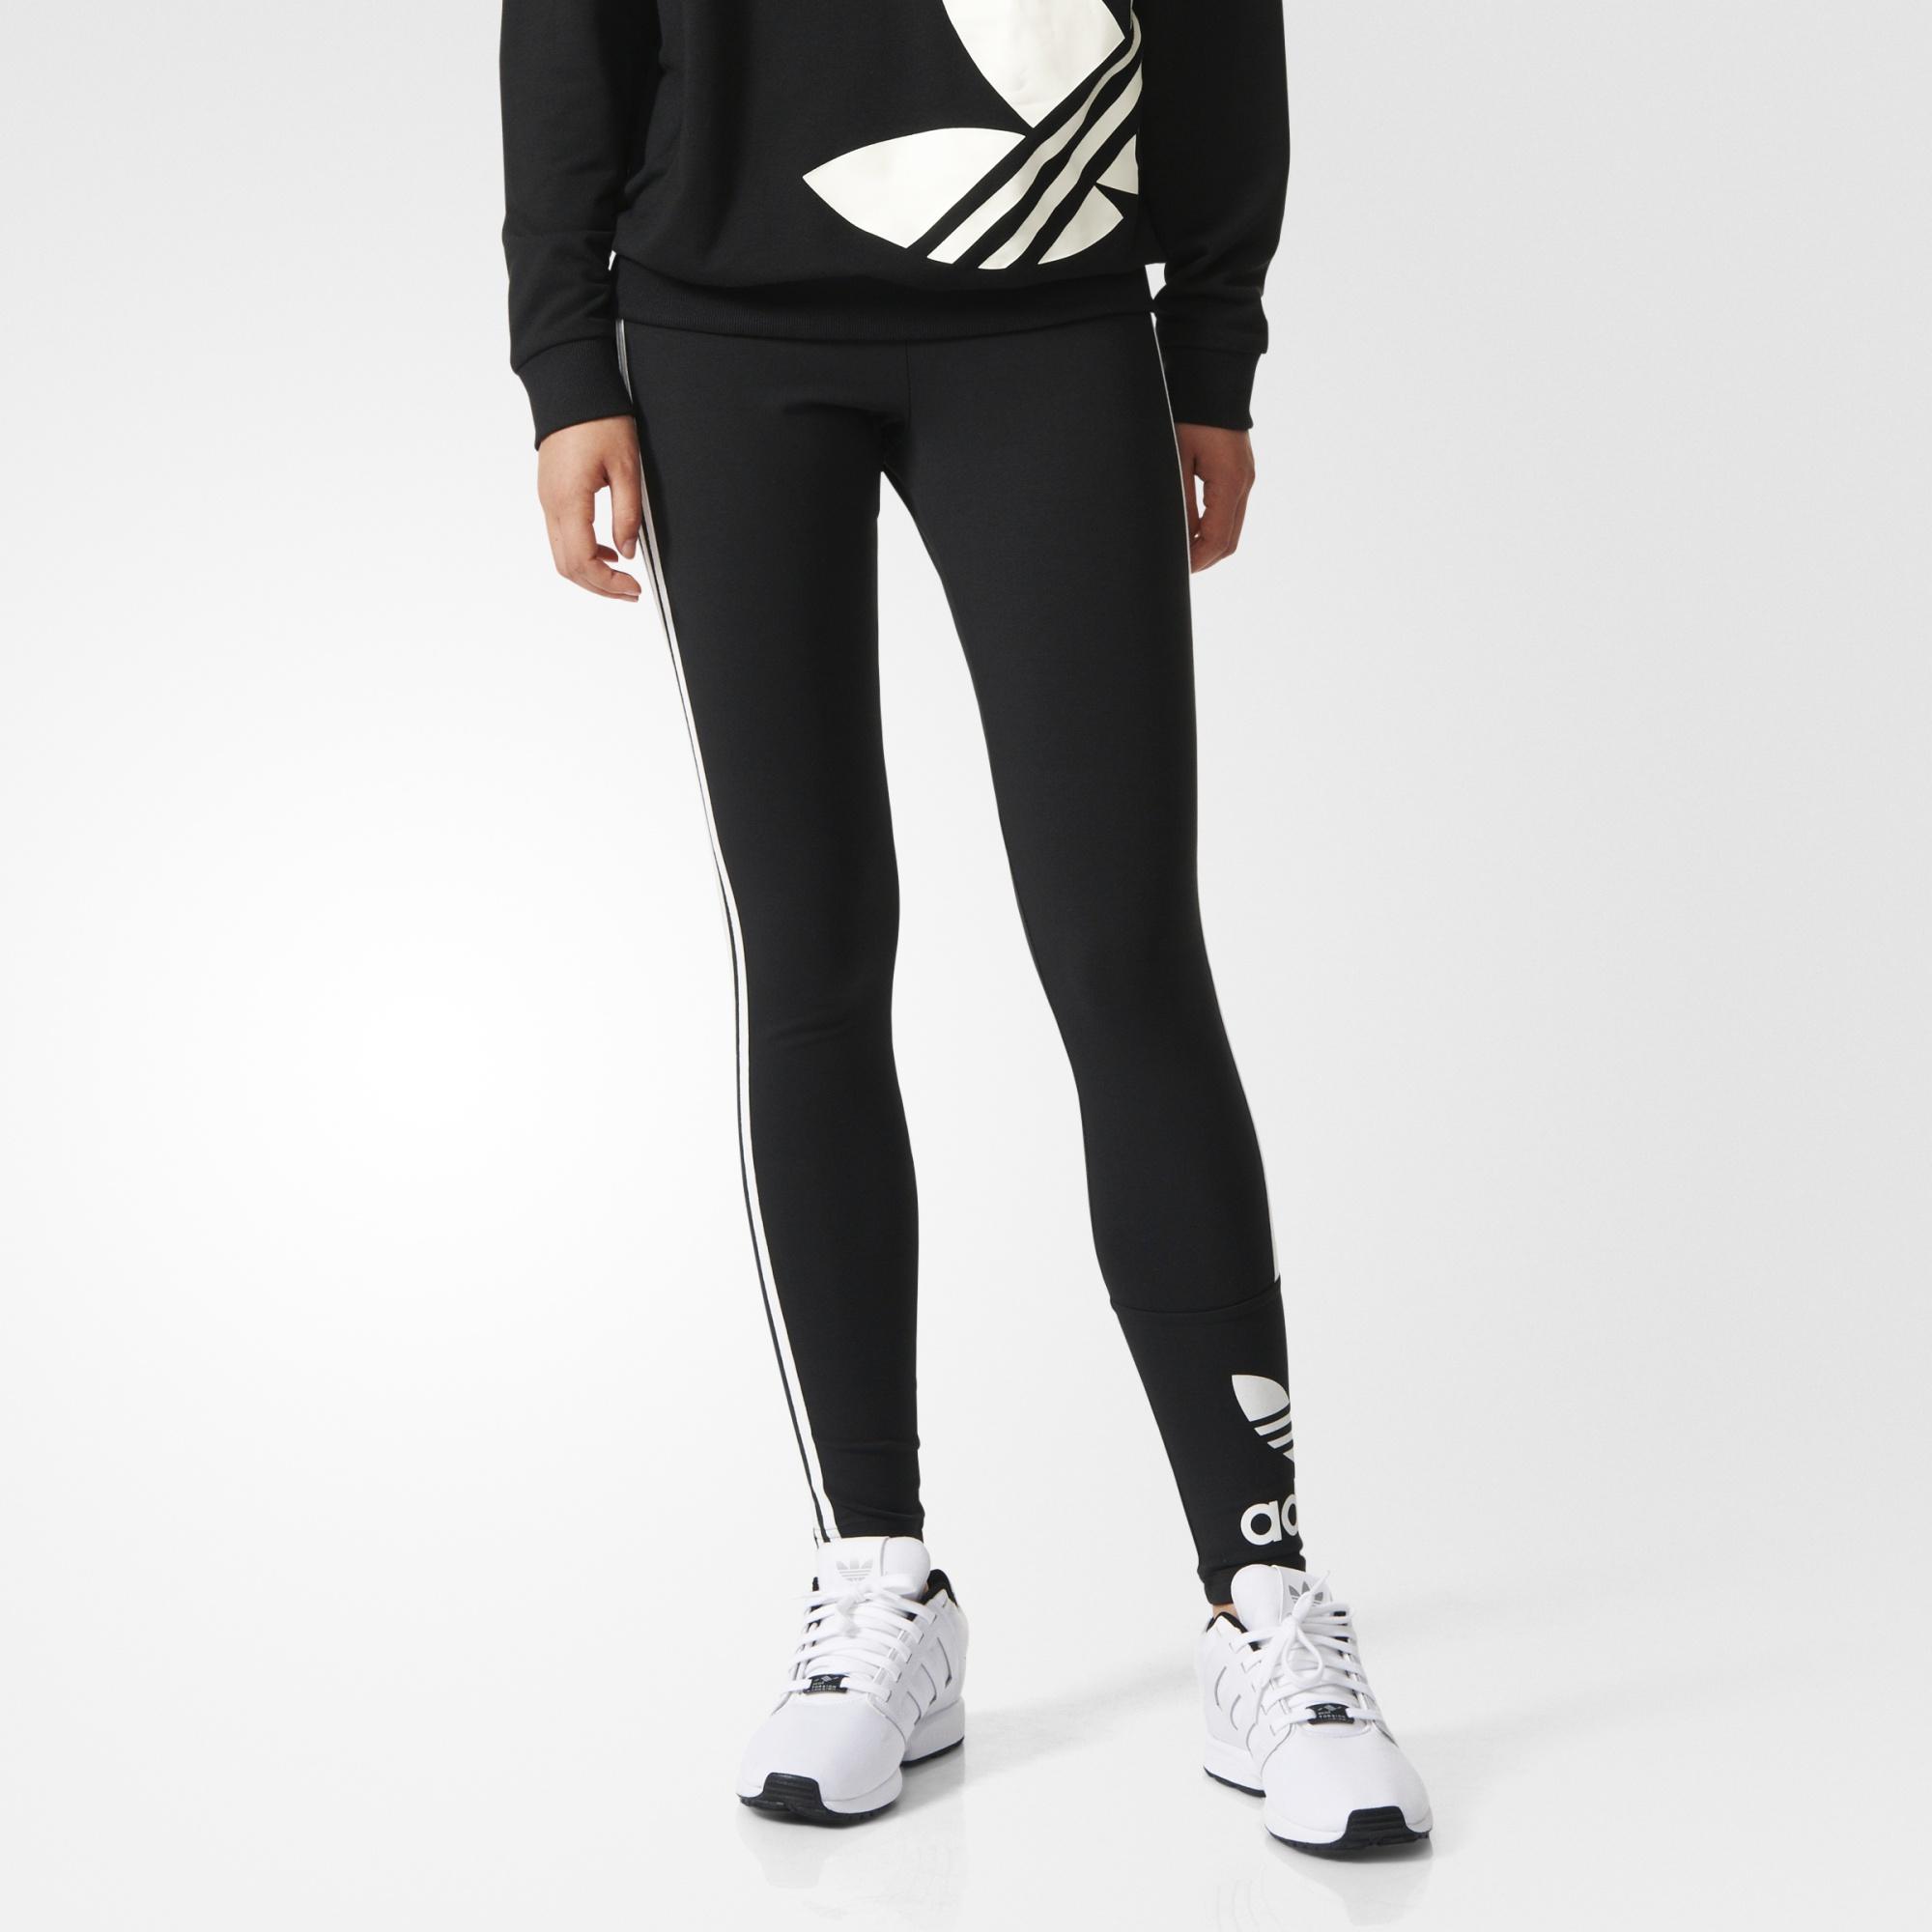 3 Stripes Leggings Black Uk Adidas R6fXxw1q1